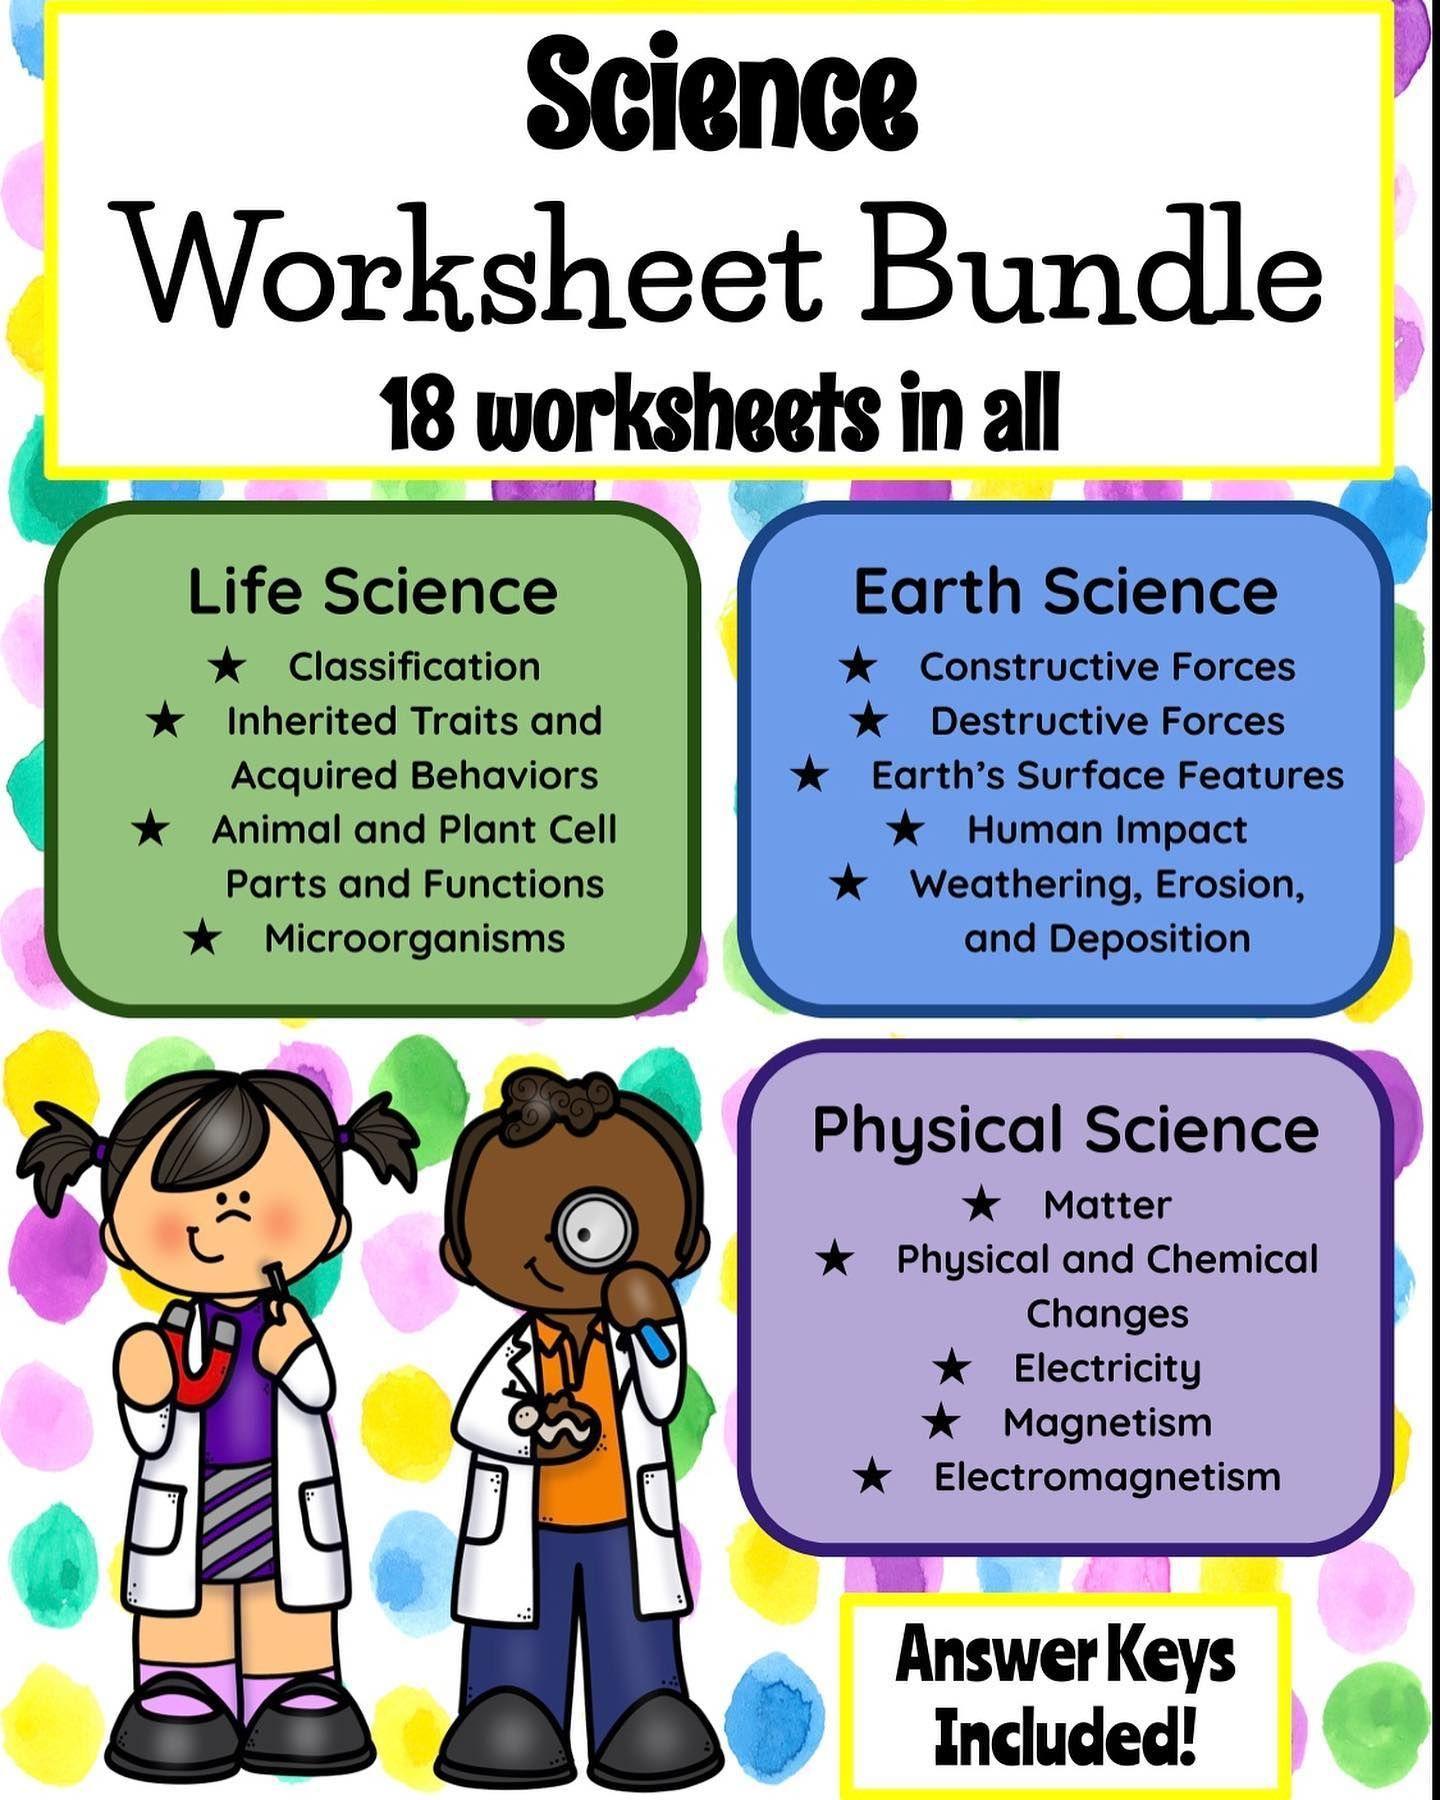 Science Worksheet Bundle Science Worksheets Science Bundle Science Homework